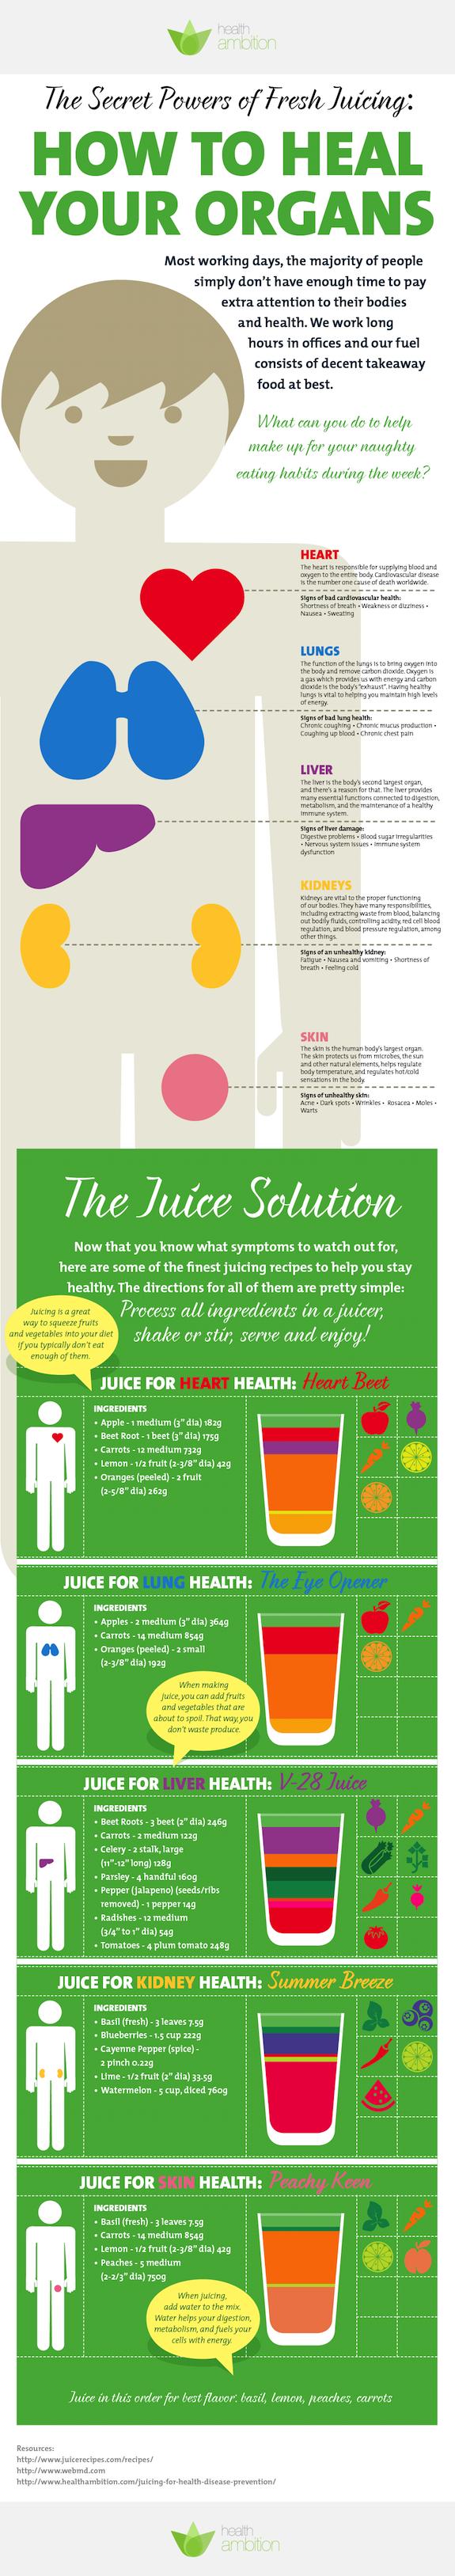 Gesunde ernährung für die Organe